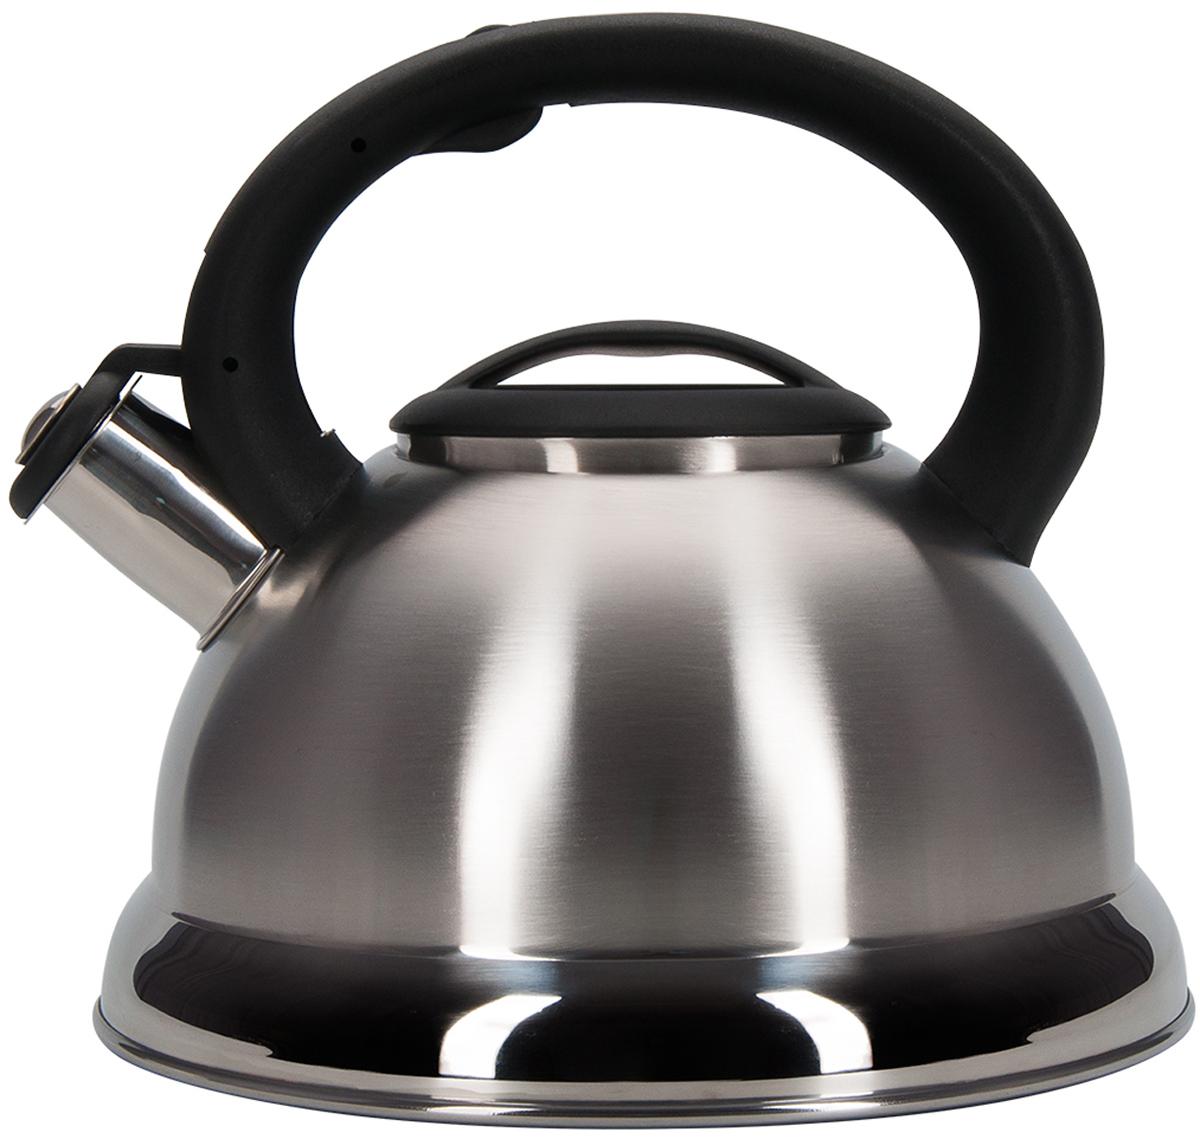 Чайник Regent Inox Tea, со свистком, цвет: серебристый, черный, 2,5 л. 93-TEA-2793-TEA-27Чайник Regent Inox Tea подходит не только для того, чтобы вскипятить воду и напоить вкусным чаем своих родных, но и для украшения вашей кухни. Чайник выполнен из качественной нержавеющей стали 18/10, а также он подходит для всех видов плит. Материал нержавеющая сталь обладает массой достоинств, например, высокая теплопроводность, которая и обеспечивает быстрое закипание, ручка - бакелит. Нержавеющая сталь также стойка к коррозии и кислотам, прочна и долговечна. Чайник Regent Inox Tea можно мыть как вручную, так и в посудомоечной машине.Объем: 2,5 л.